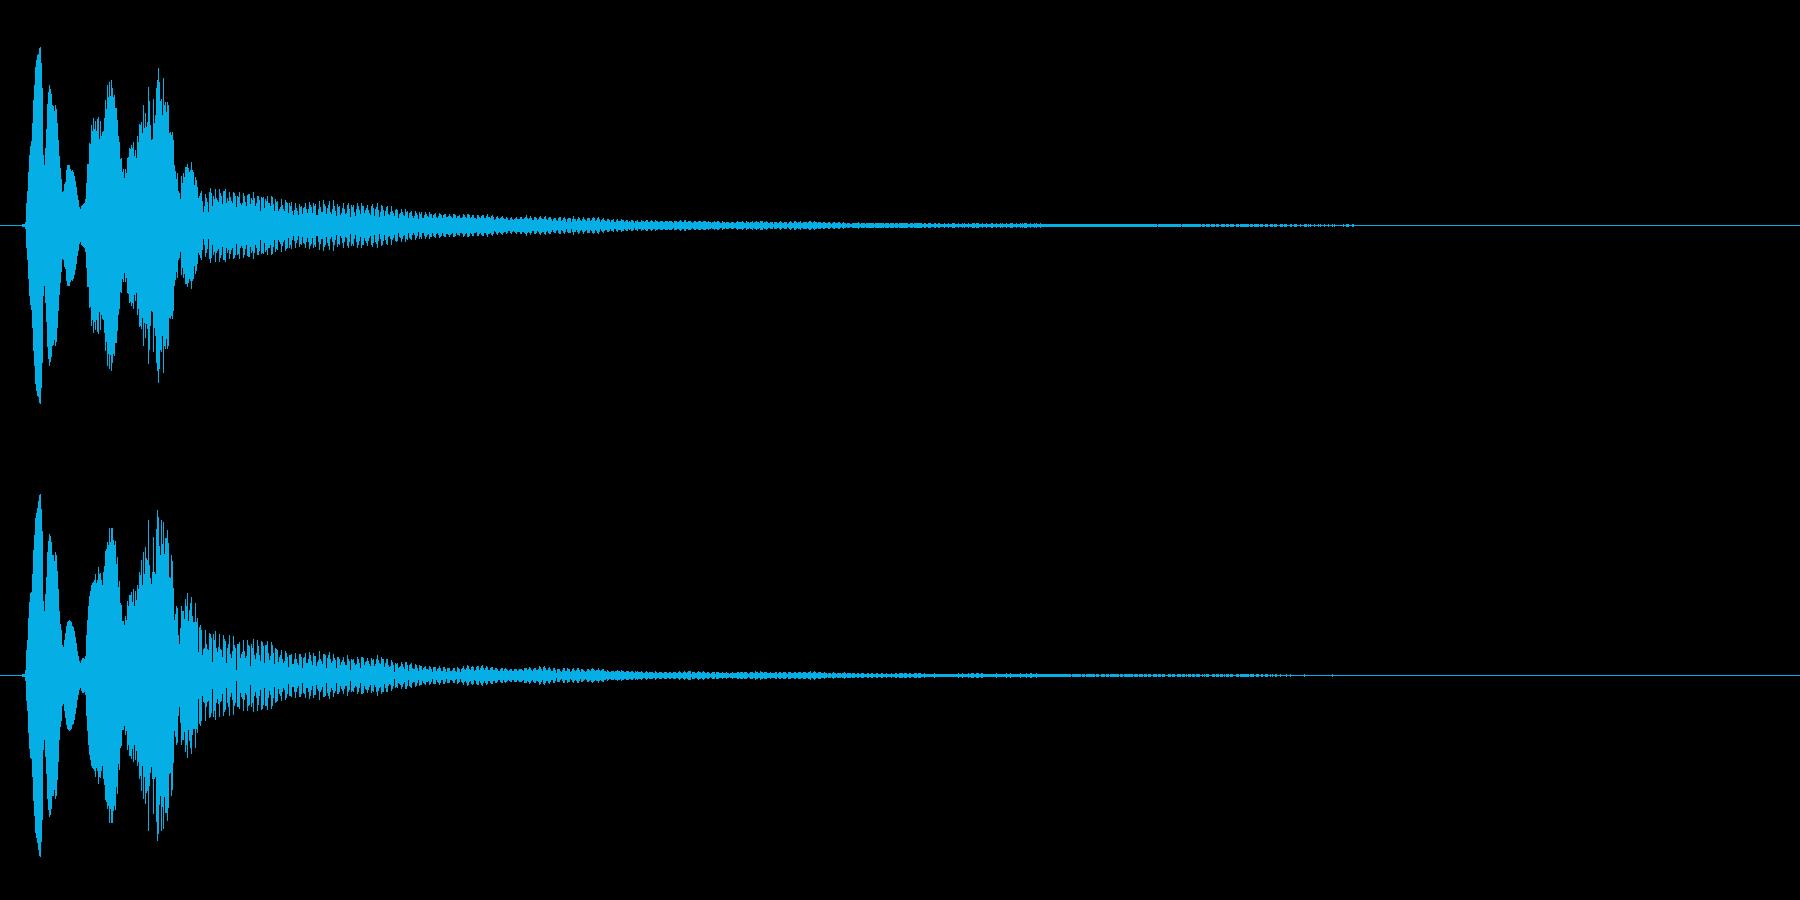 タララン↓(かわす、ミス、受け流す)の再生済みの波形